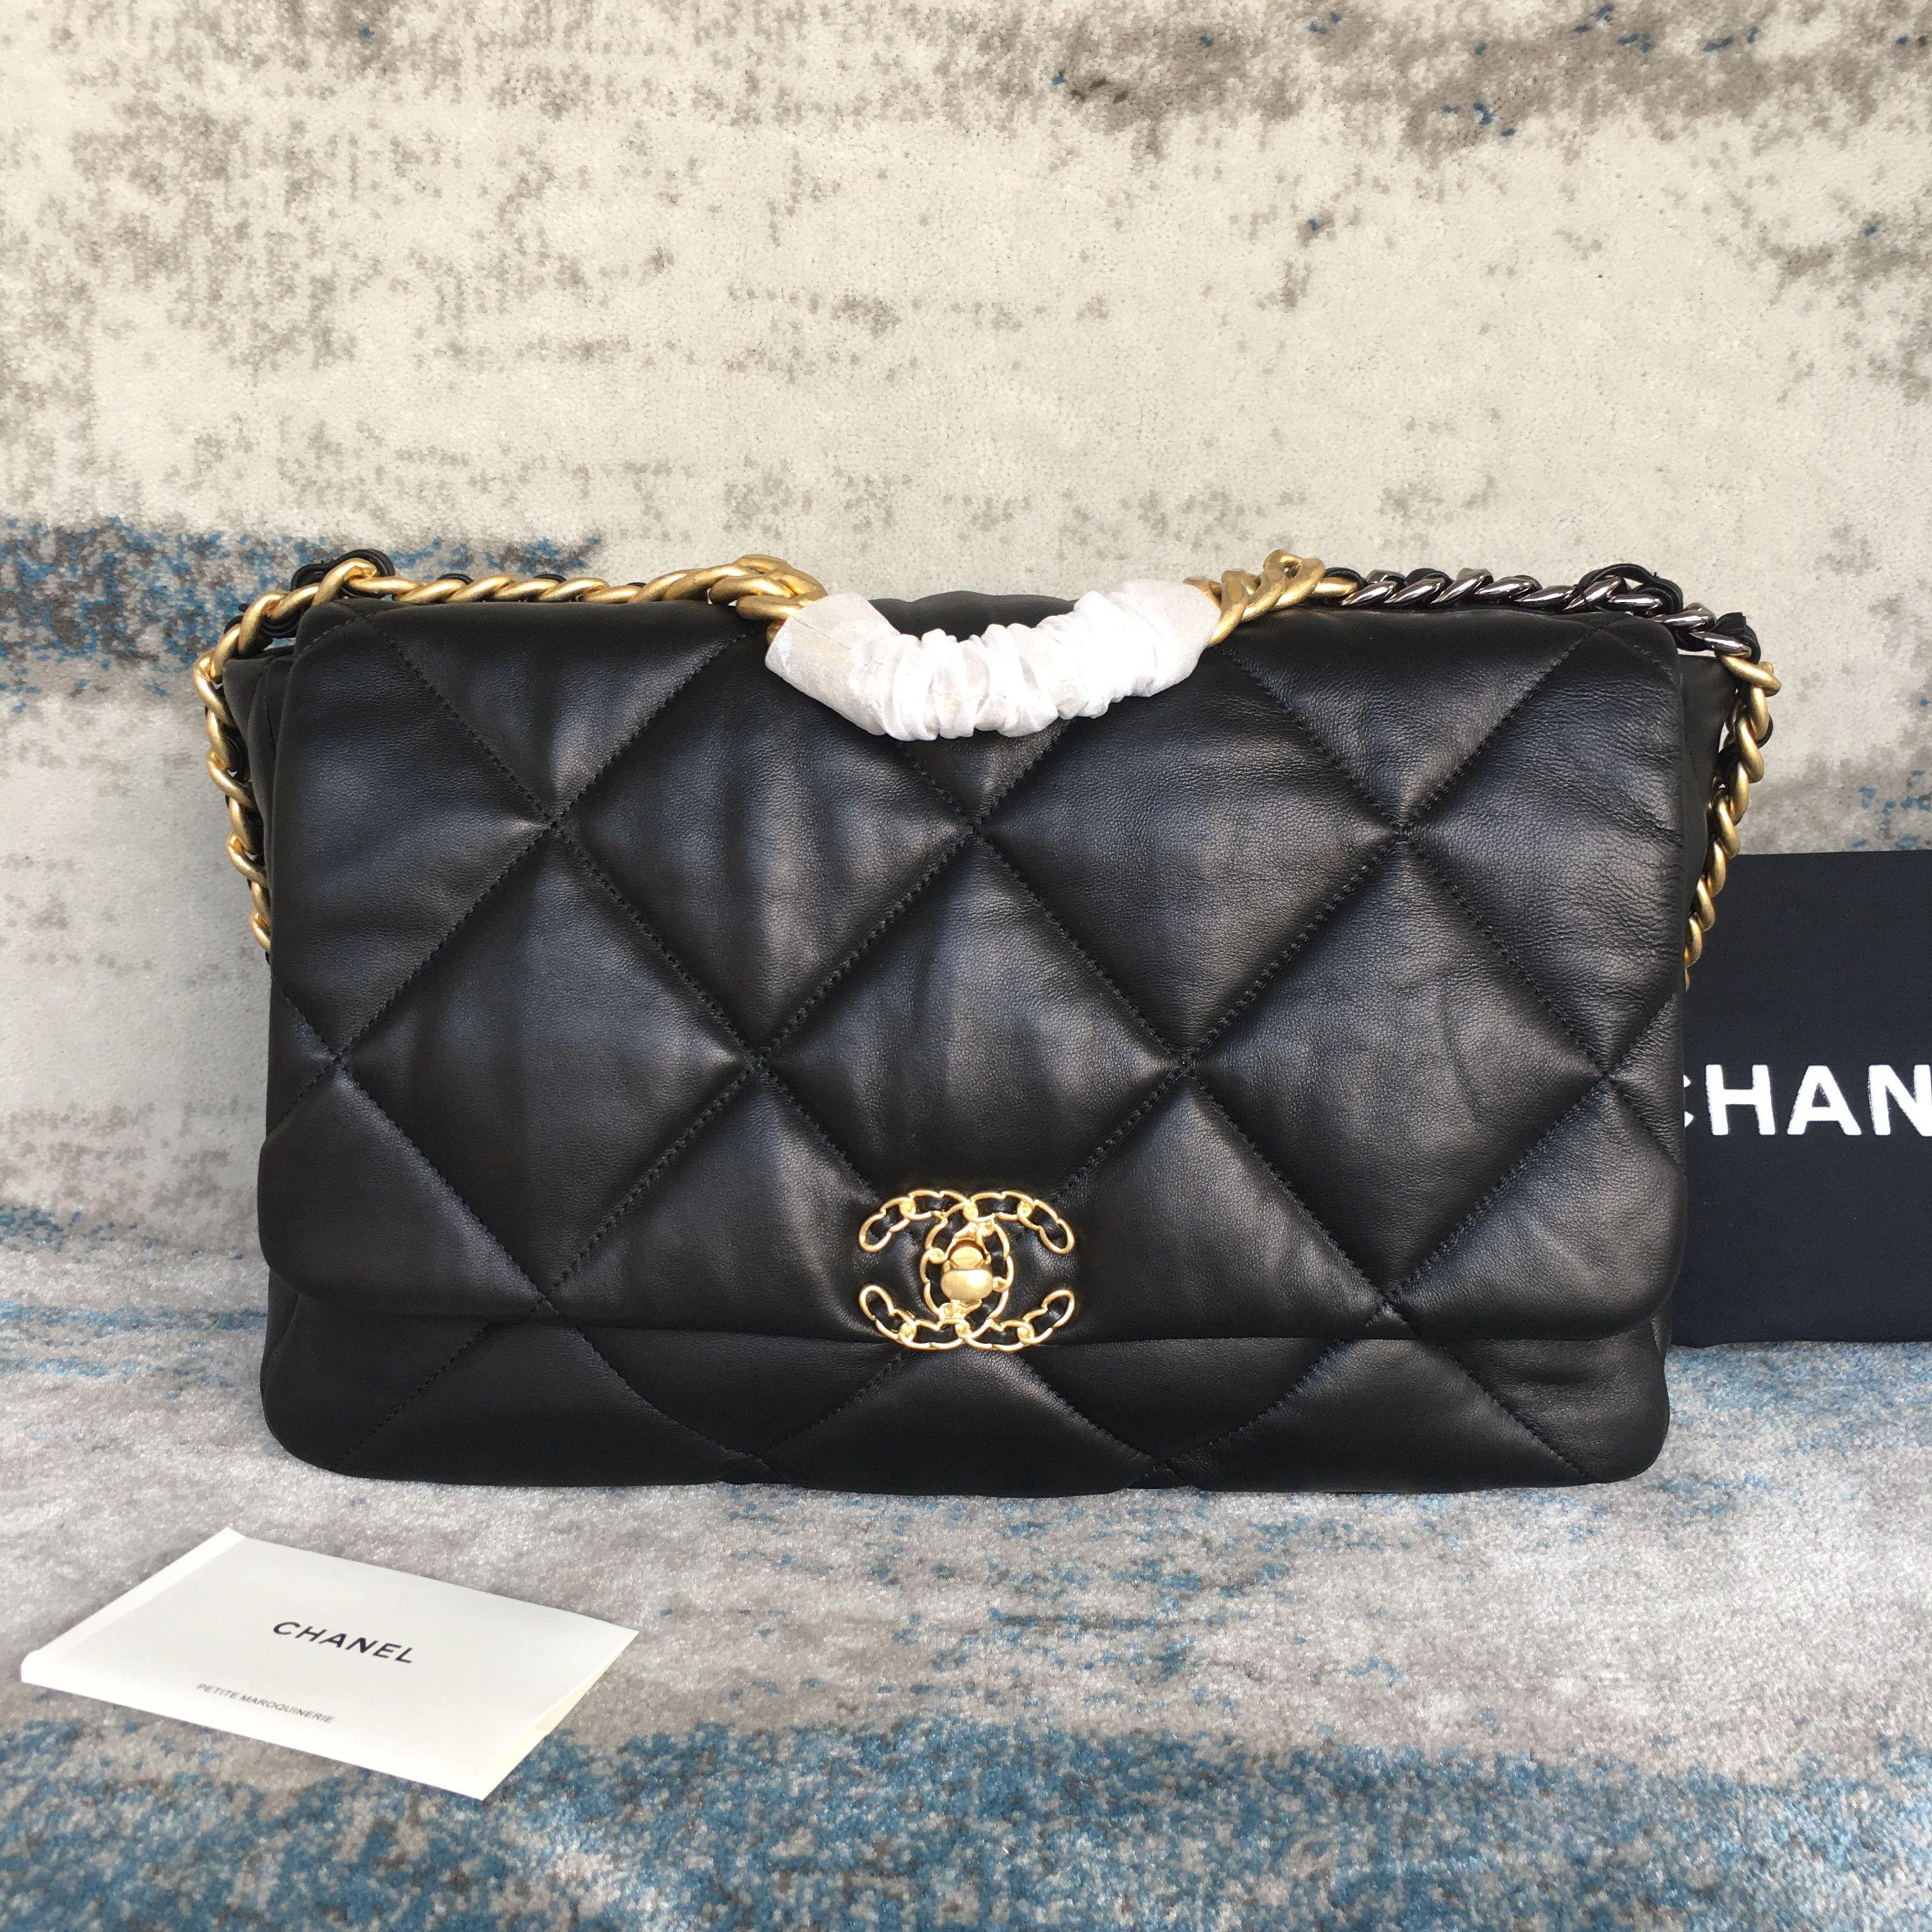 CHANEL LARGE 19 Bag